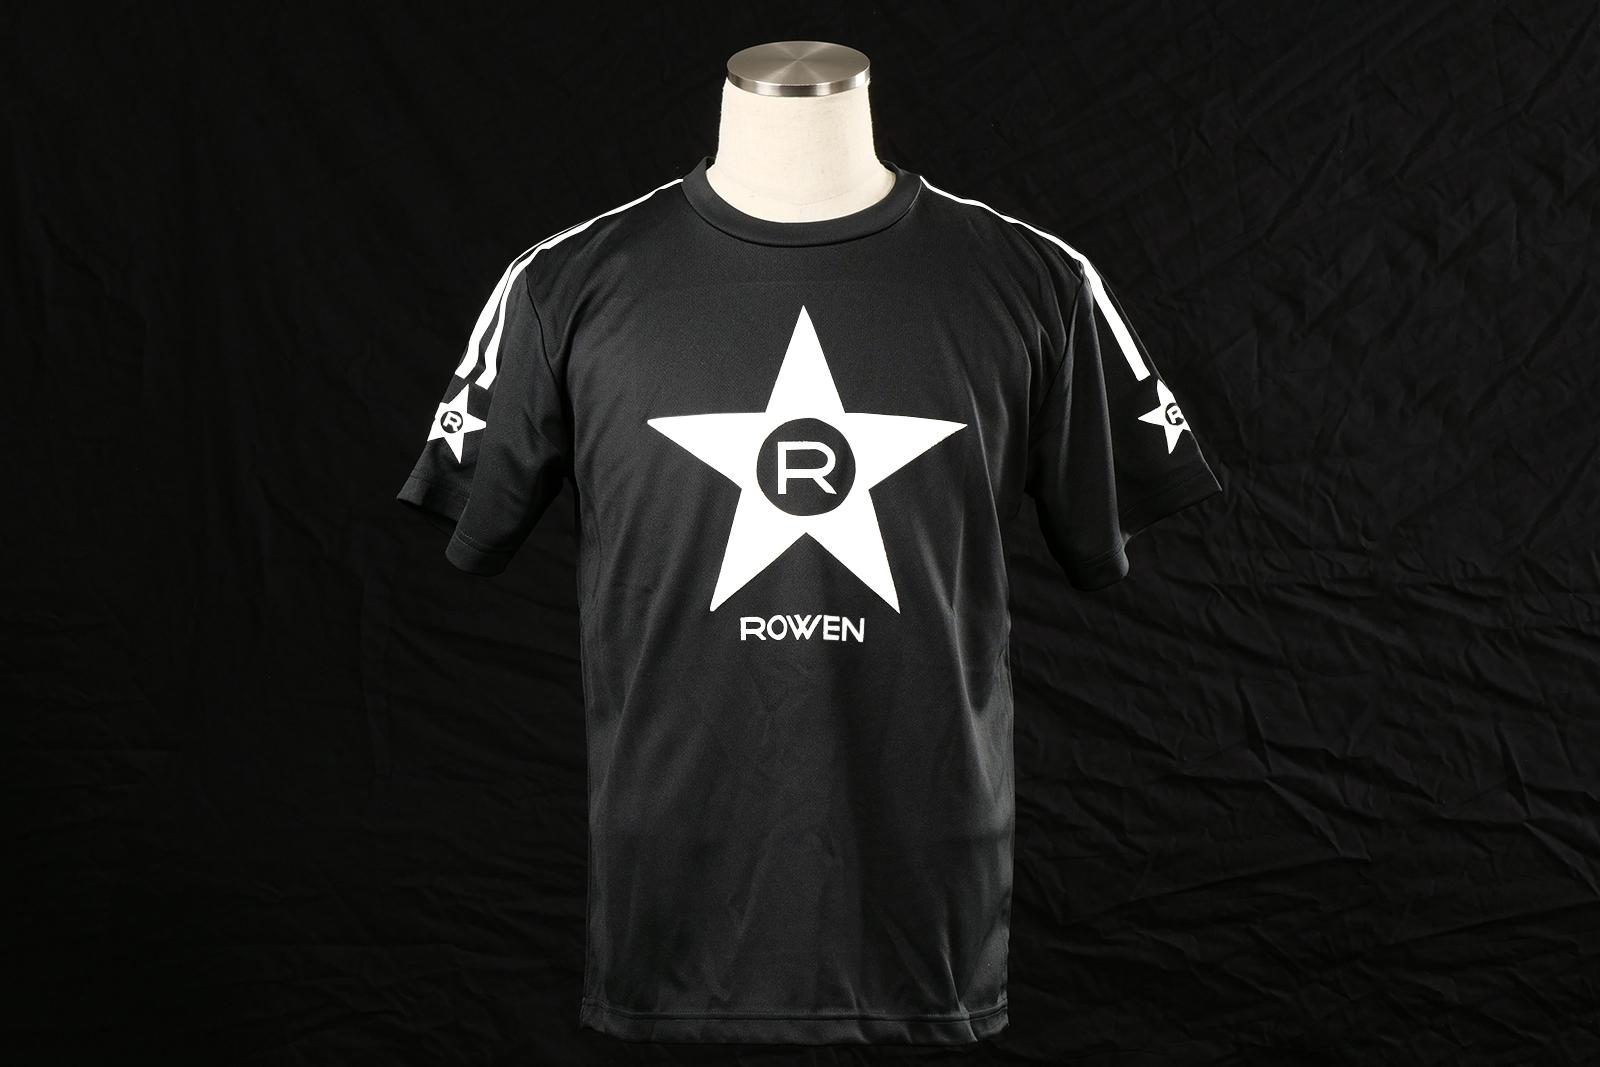 ROWEN STAR★Tシャツ